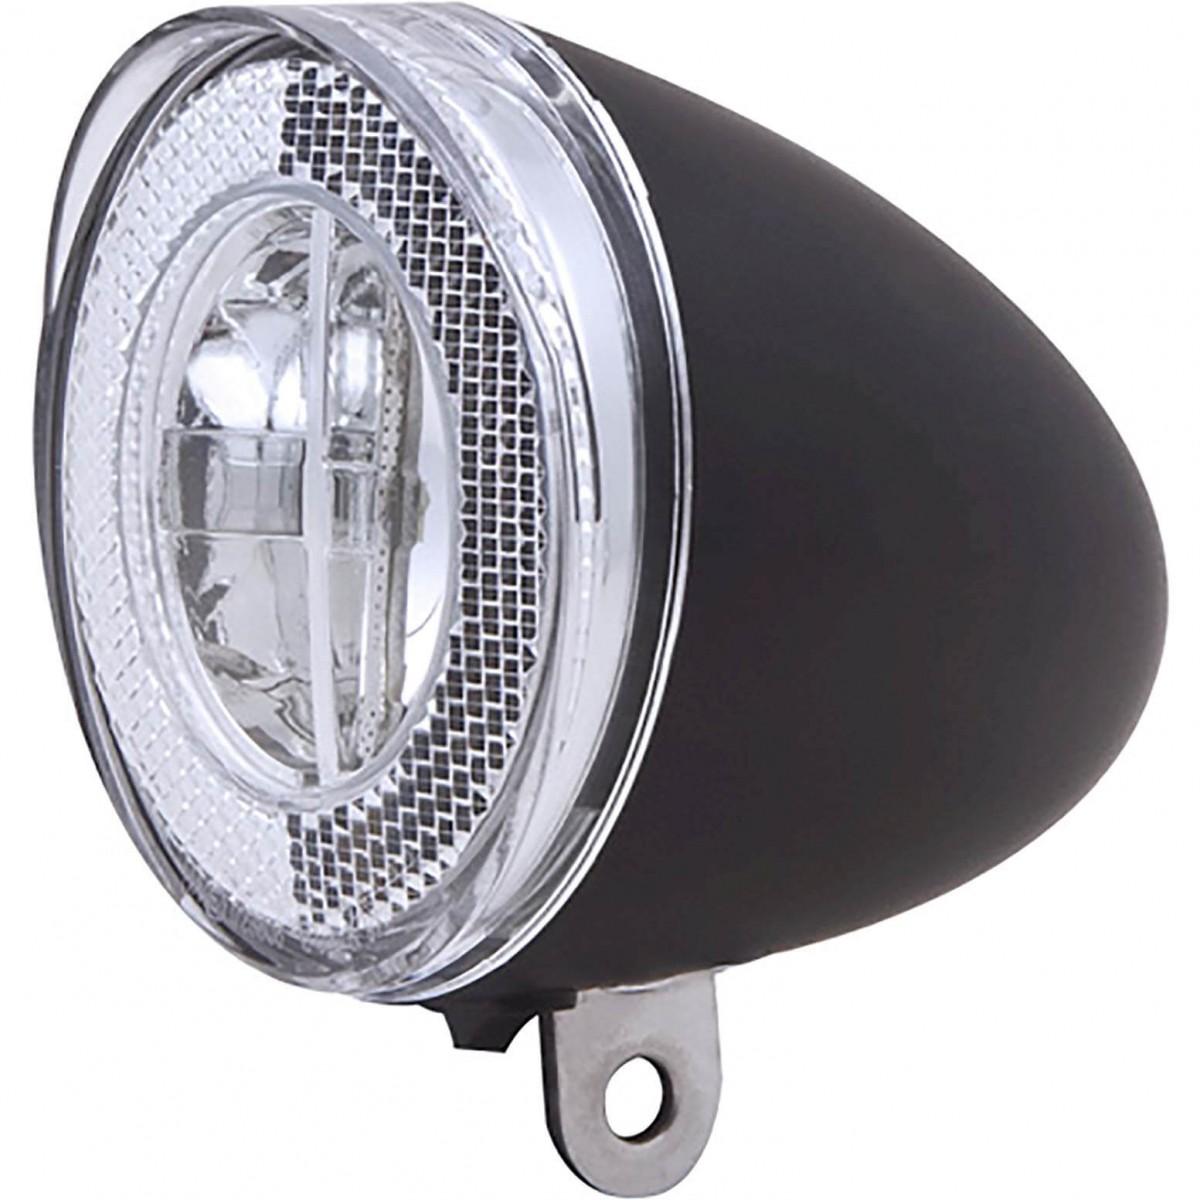 Spanninga Koplamp Swingo XB LED met reflector incl.